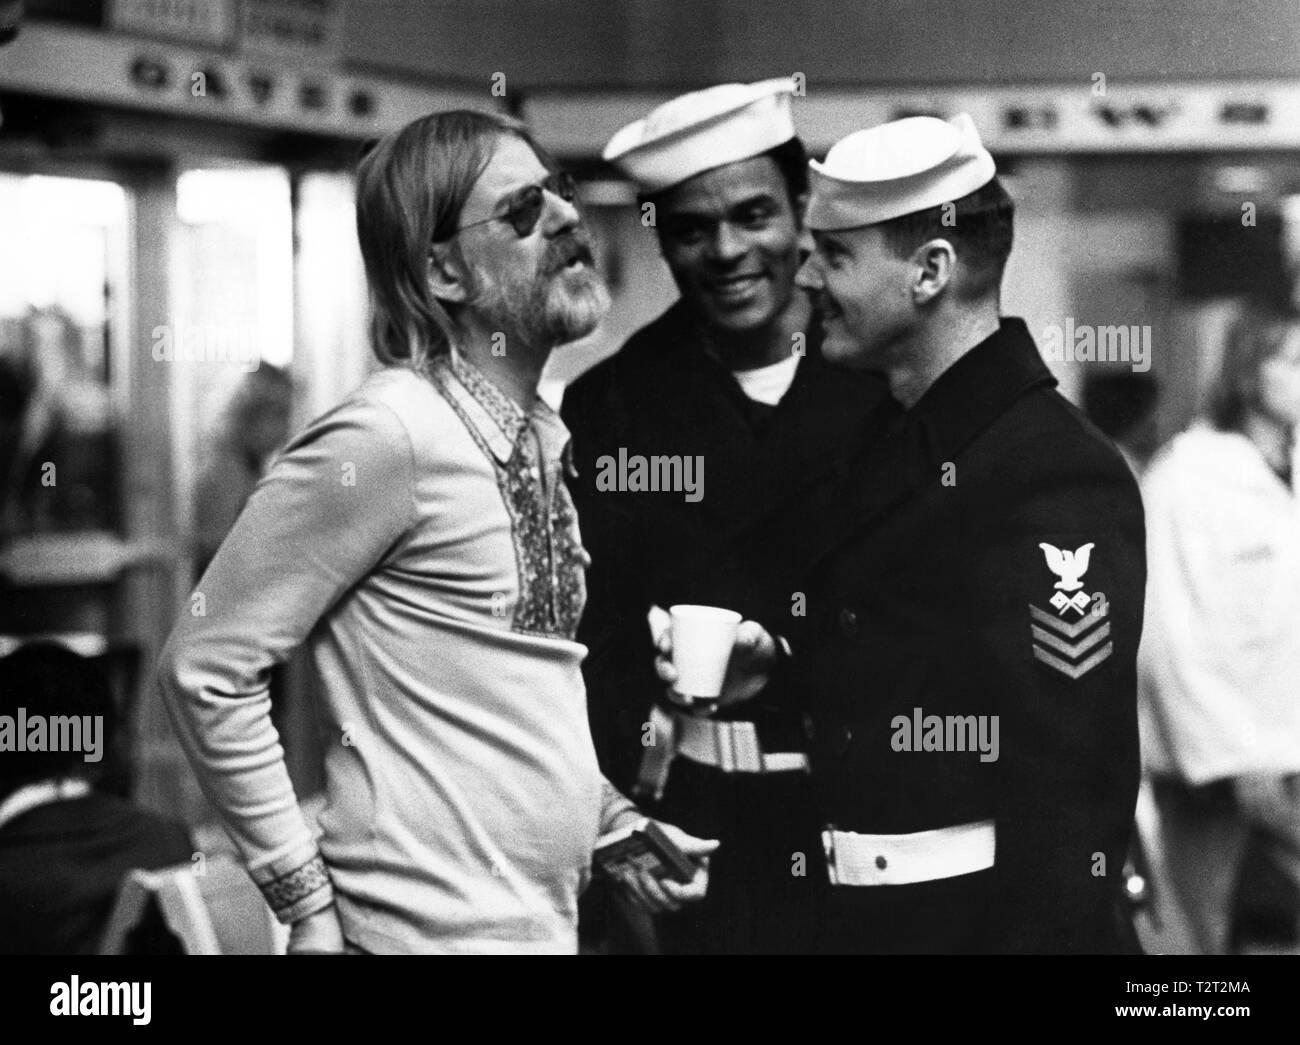 LA DERNIERE CORVEE THE LAST DETAIL 1973 de Hal Ashby Hal Ashby Otis Young  Jack Nicholson sur le tournage tournage; on set Prod DB © Columbia Pictures - Stock Image